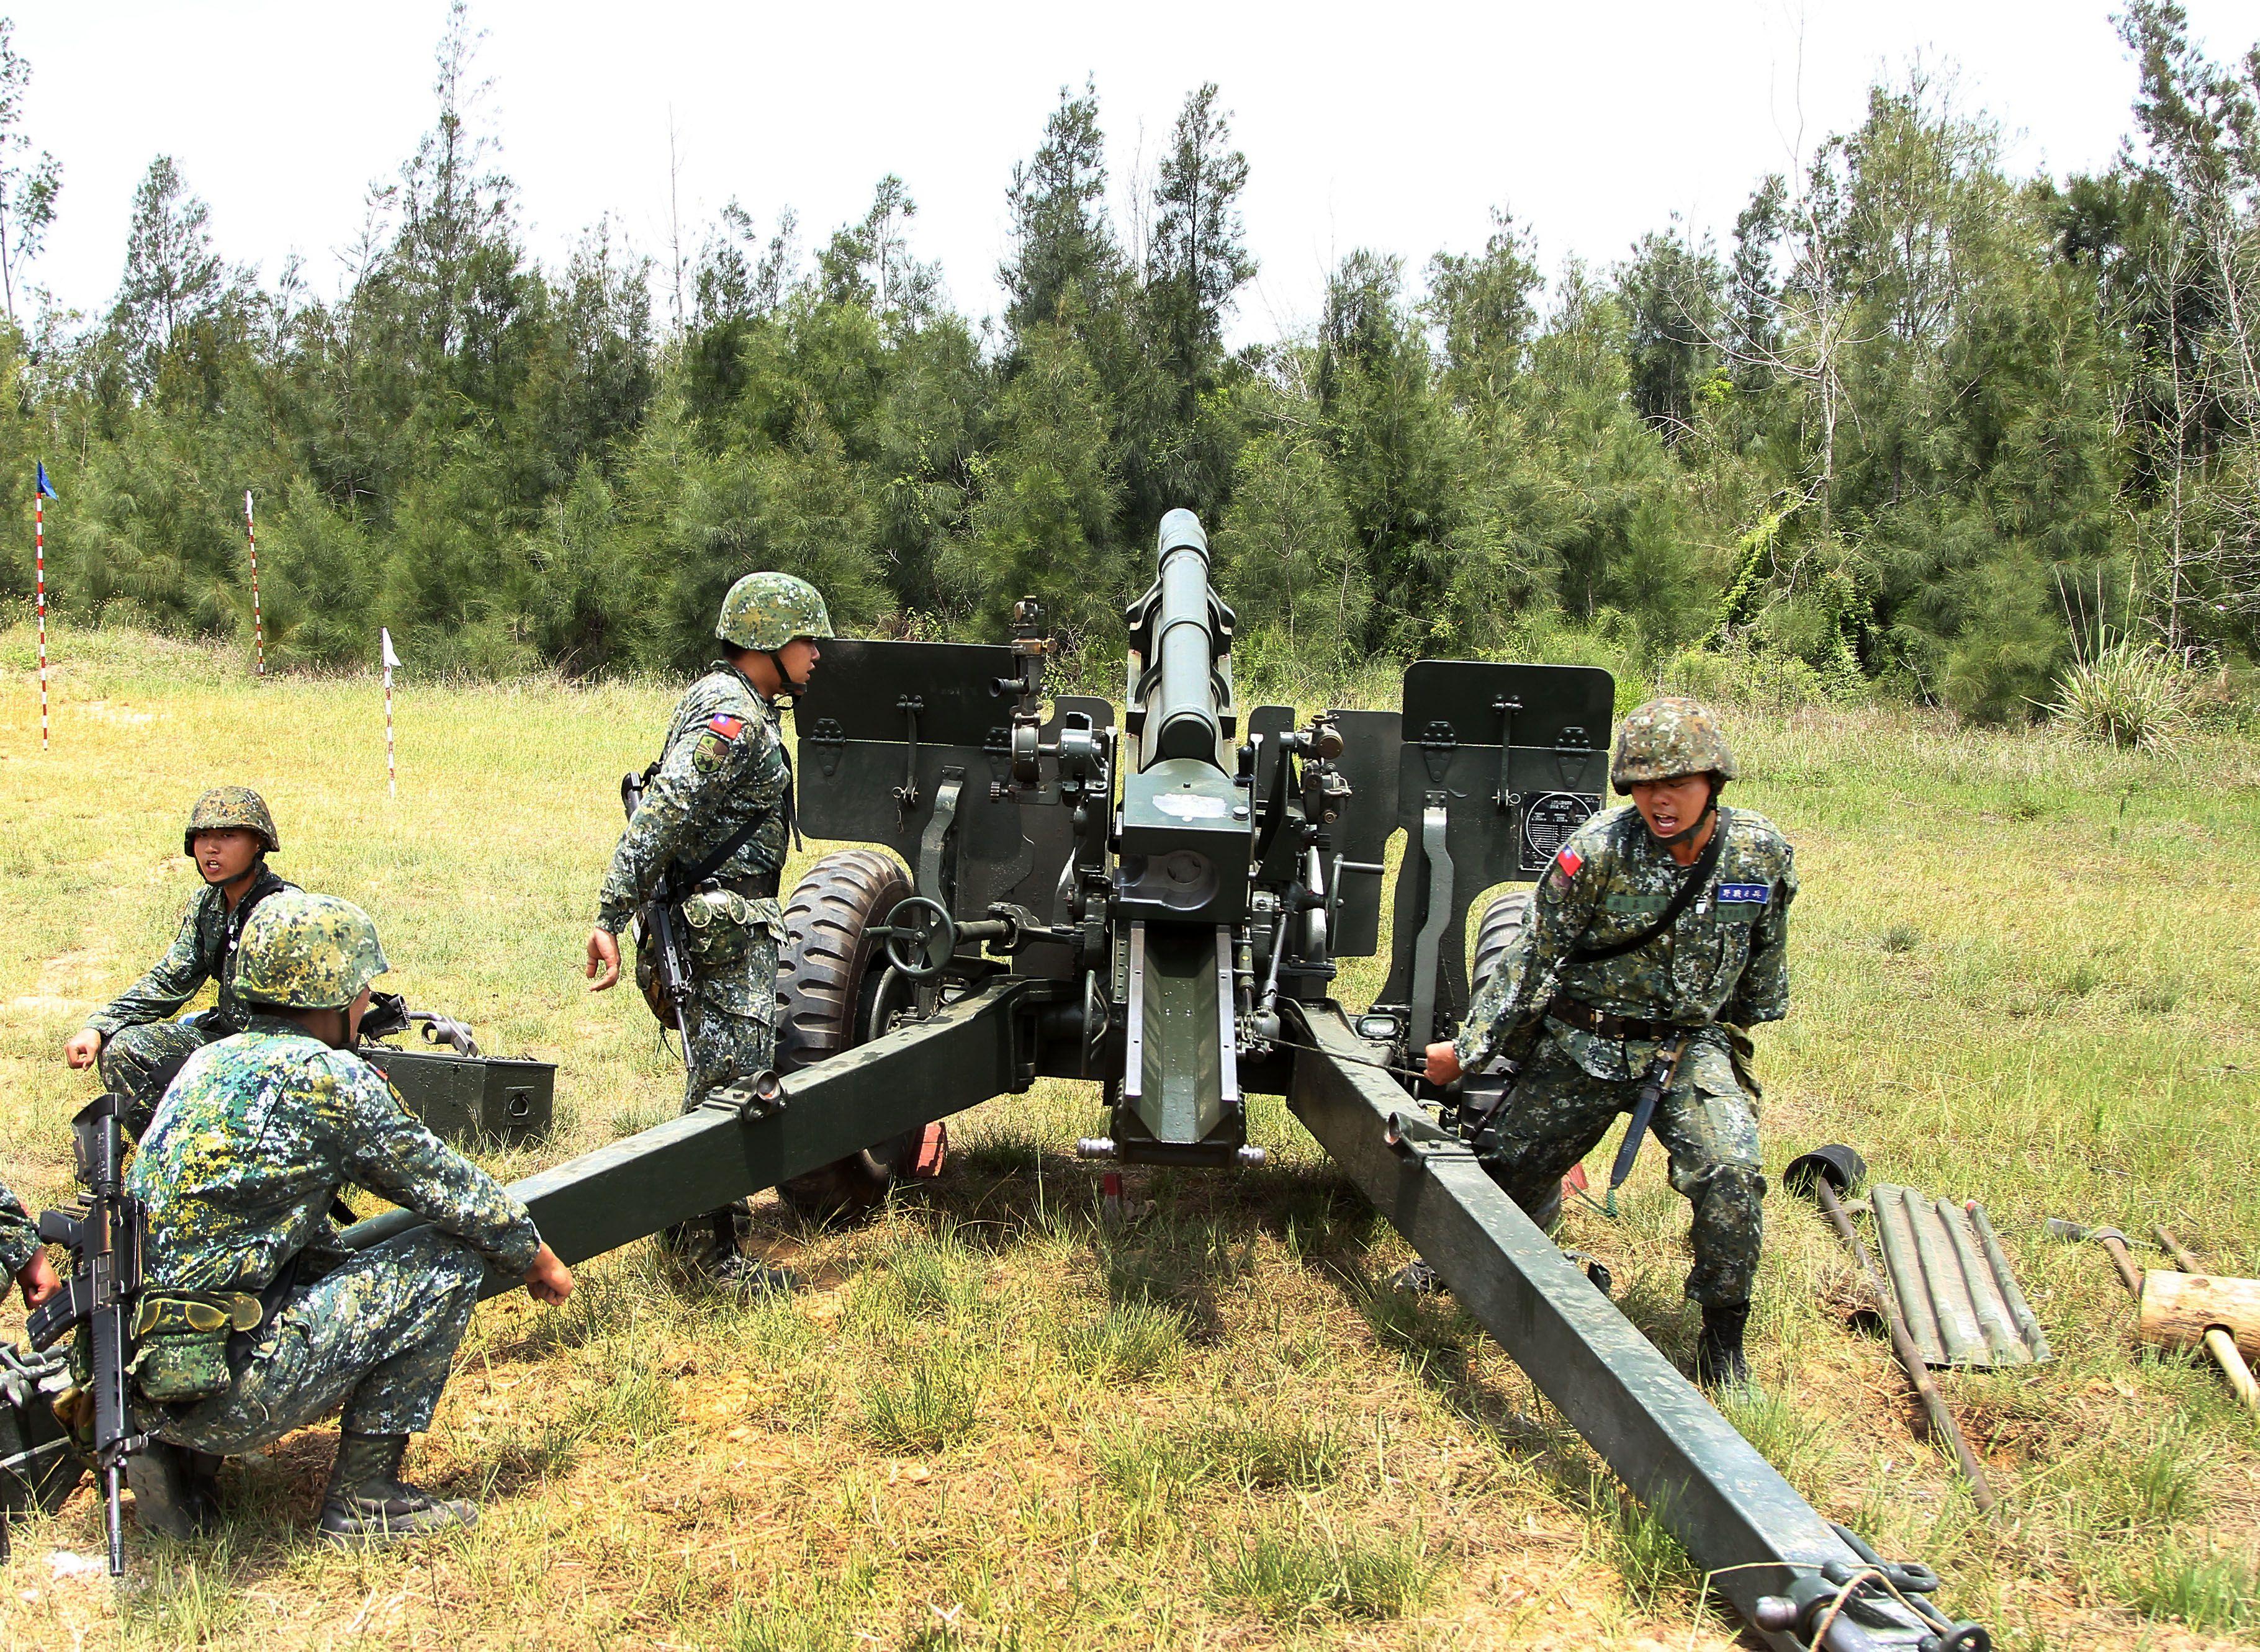 砲兵部隊不斷變換射擊位置,持續發揚支援強大火力,支援第一線部隊。(記者邱榮吉/金門拍攝)